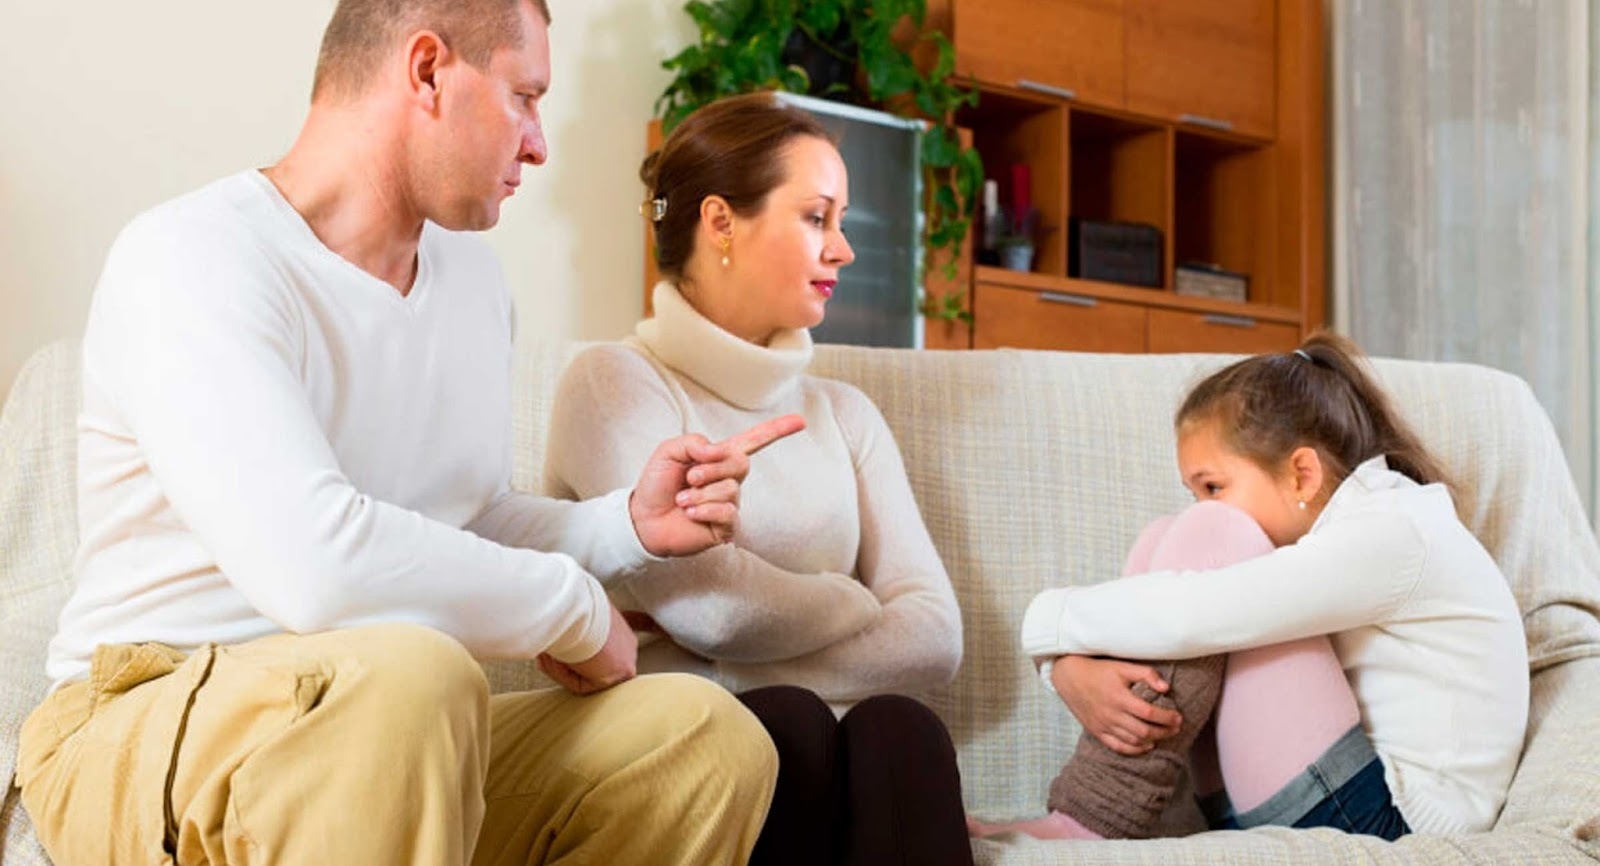 10 Frases que NUNCA debes decirle a tus hijos. Podrías arruinarles la vida